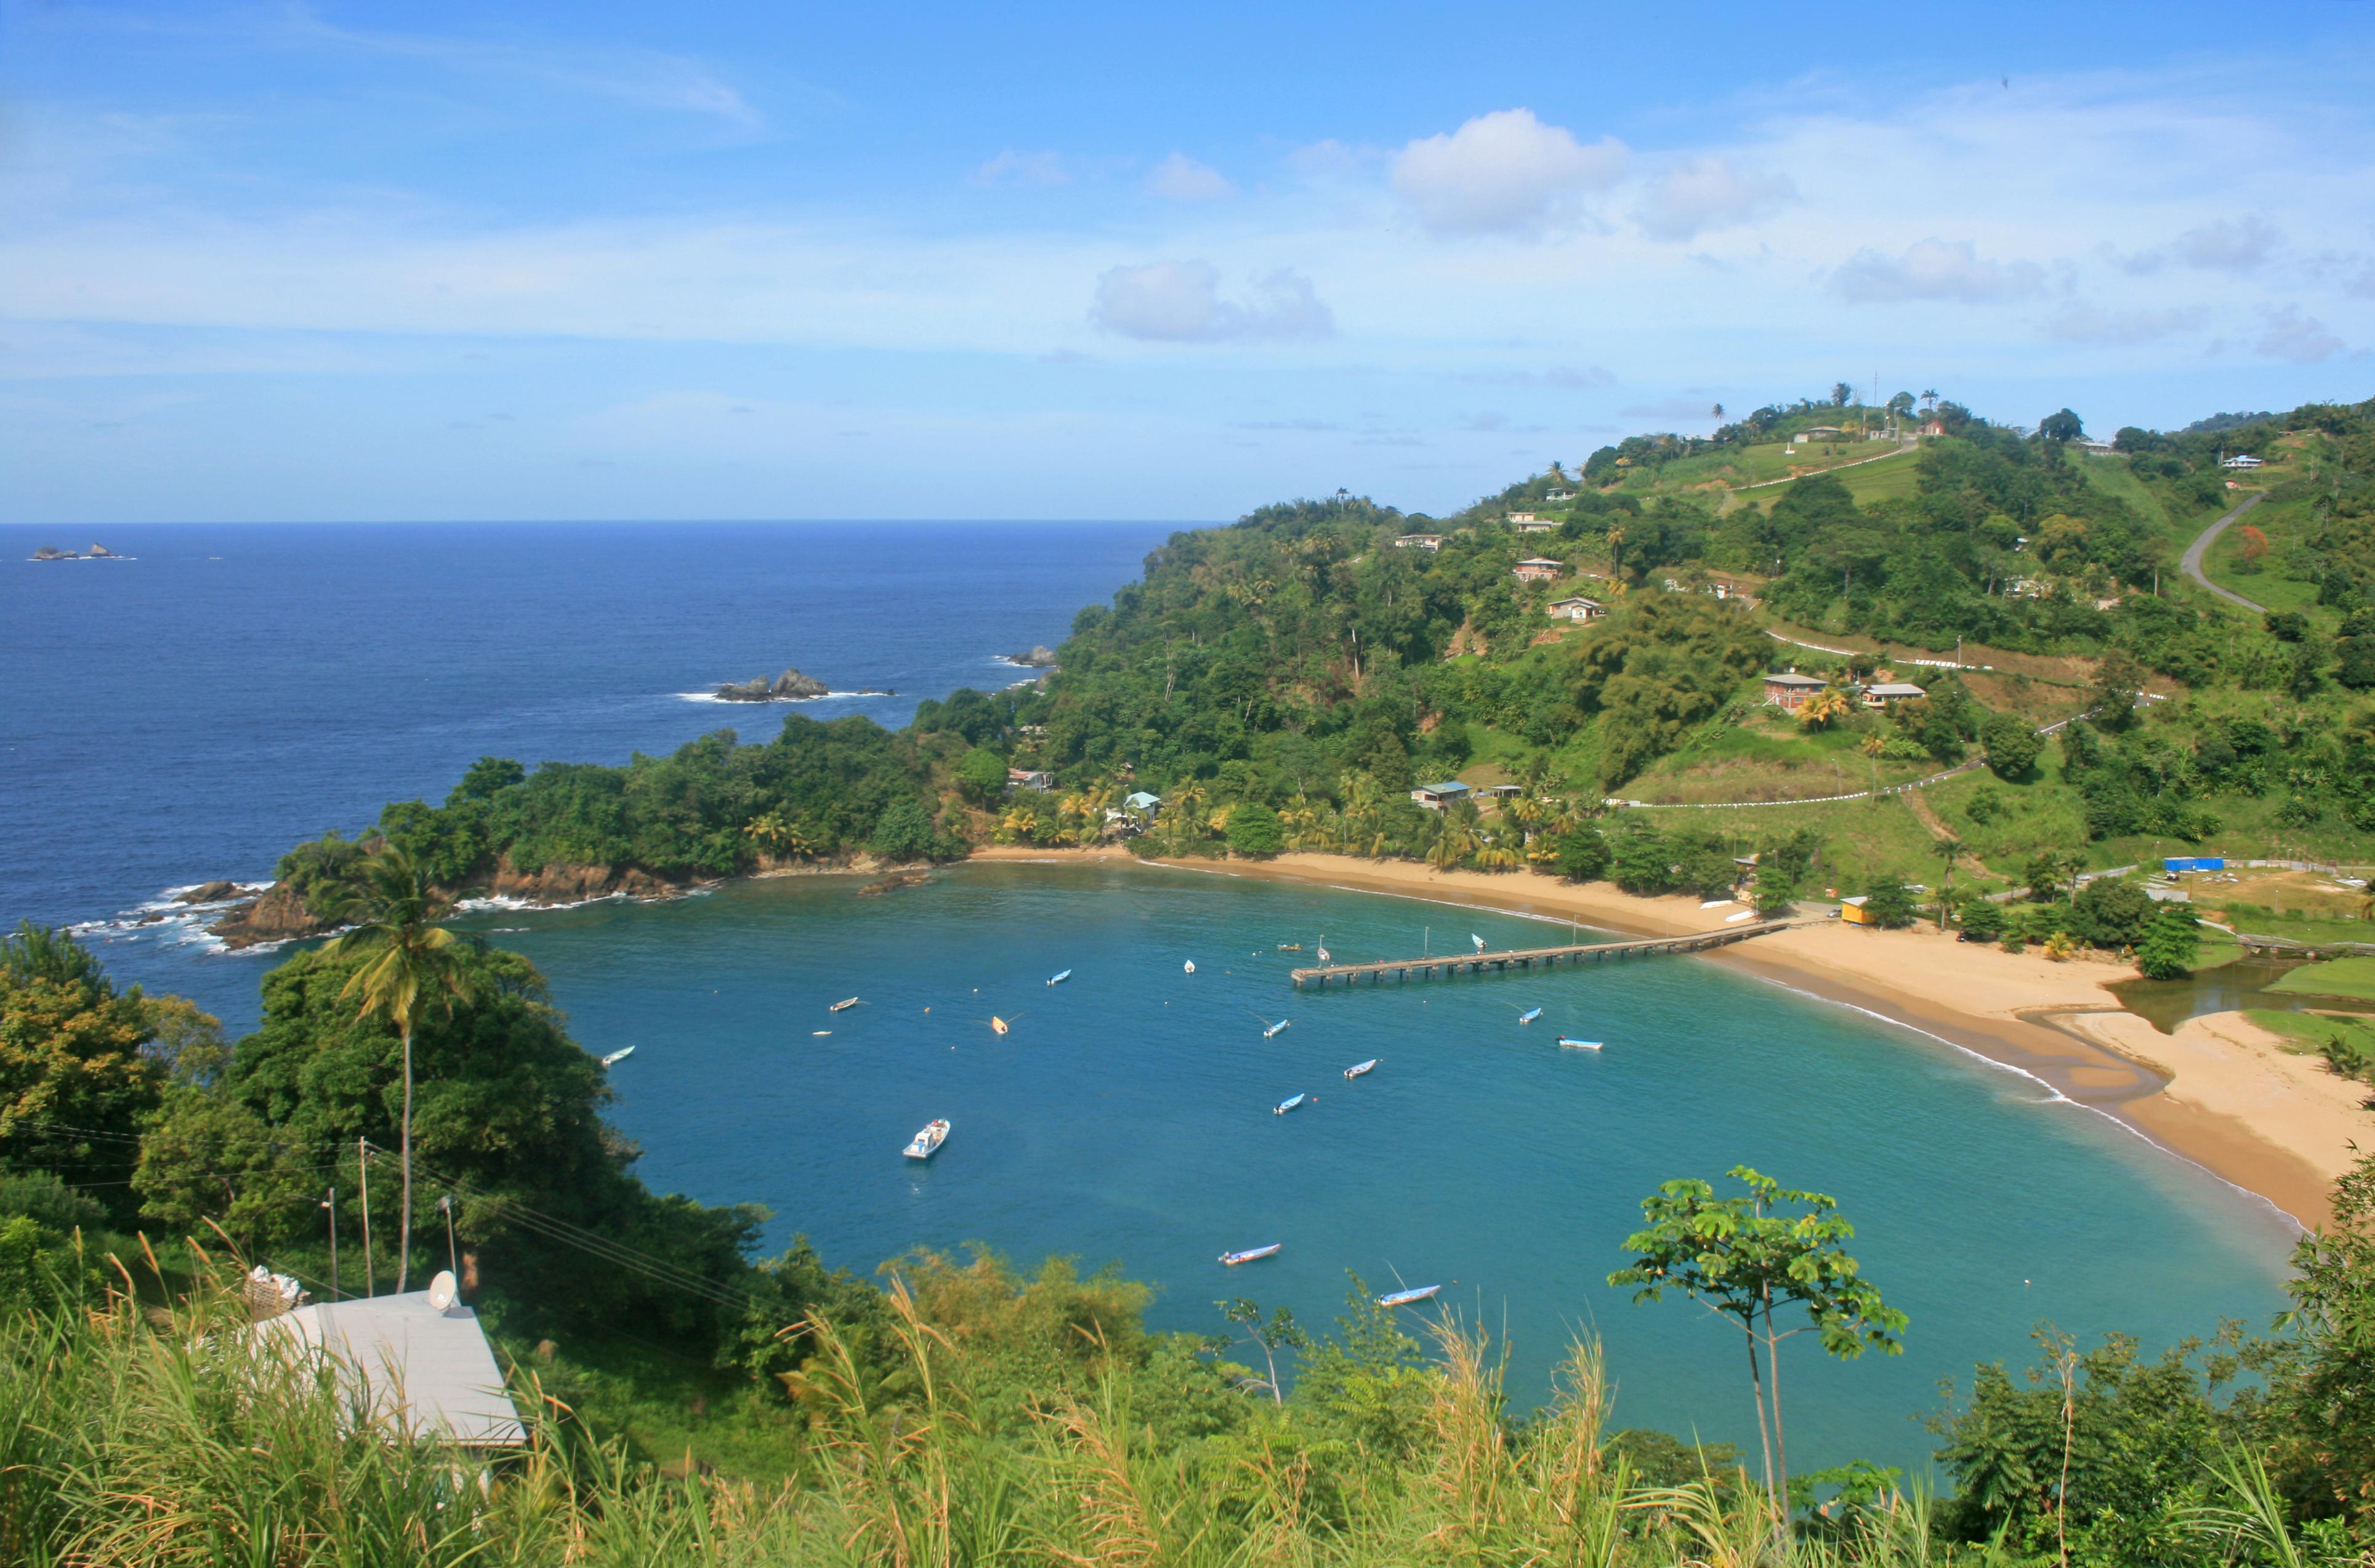 Cuba, Trinidad, Pariatuvier Bay